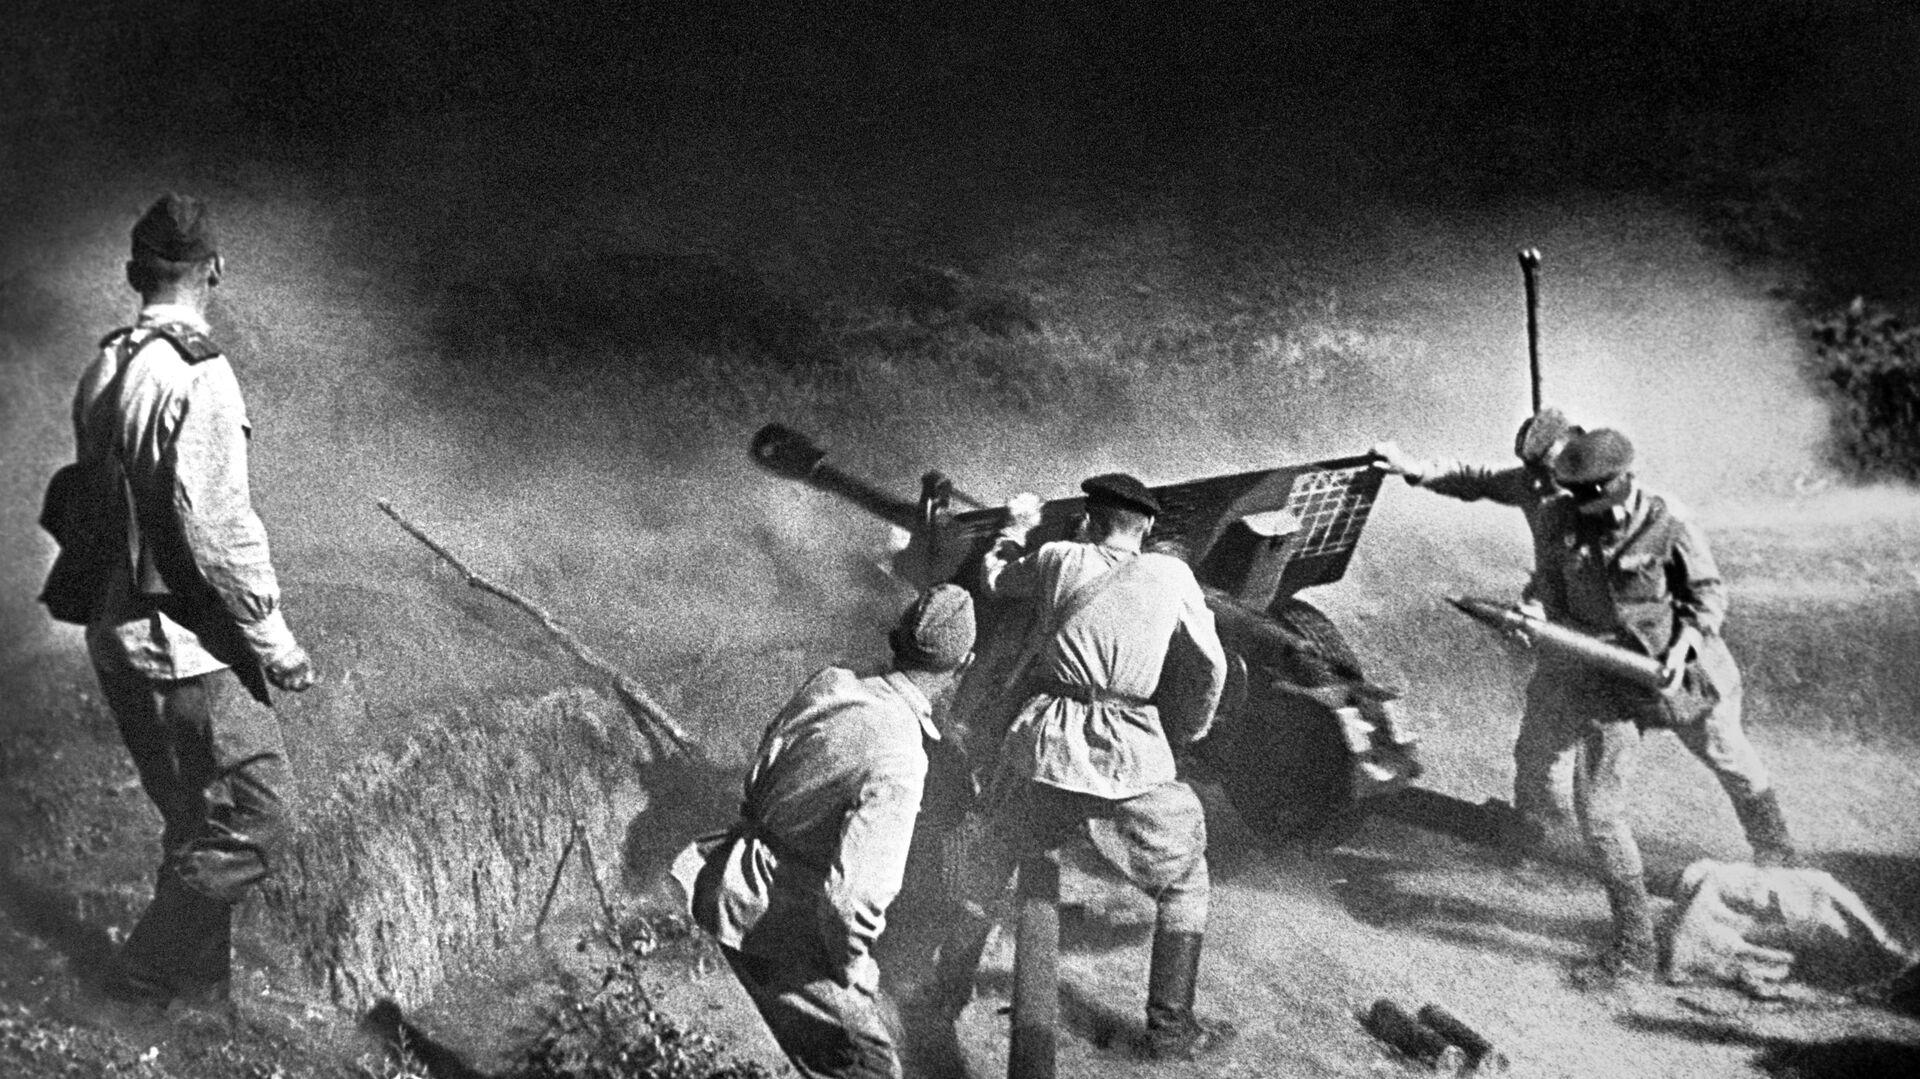 Артиљеријска јединица током борбе, Северни Кавказ, 1943. година - Sputnik Србија, 1920, 22.06.2021